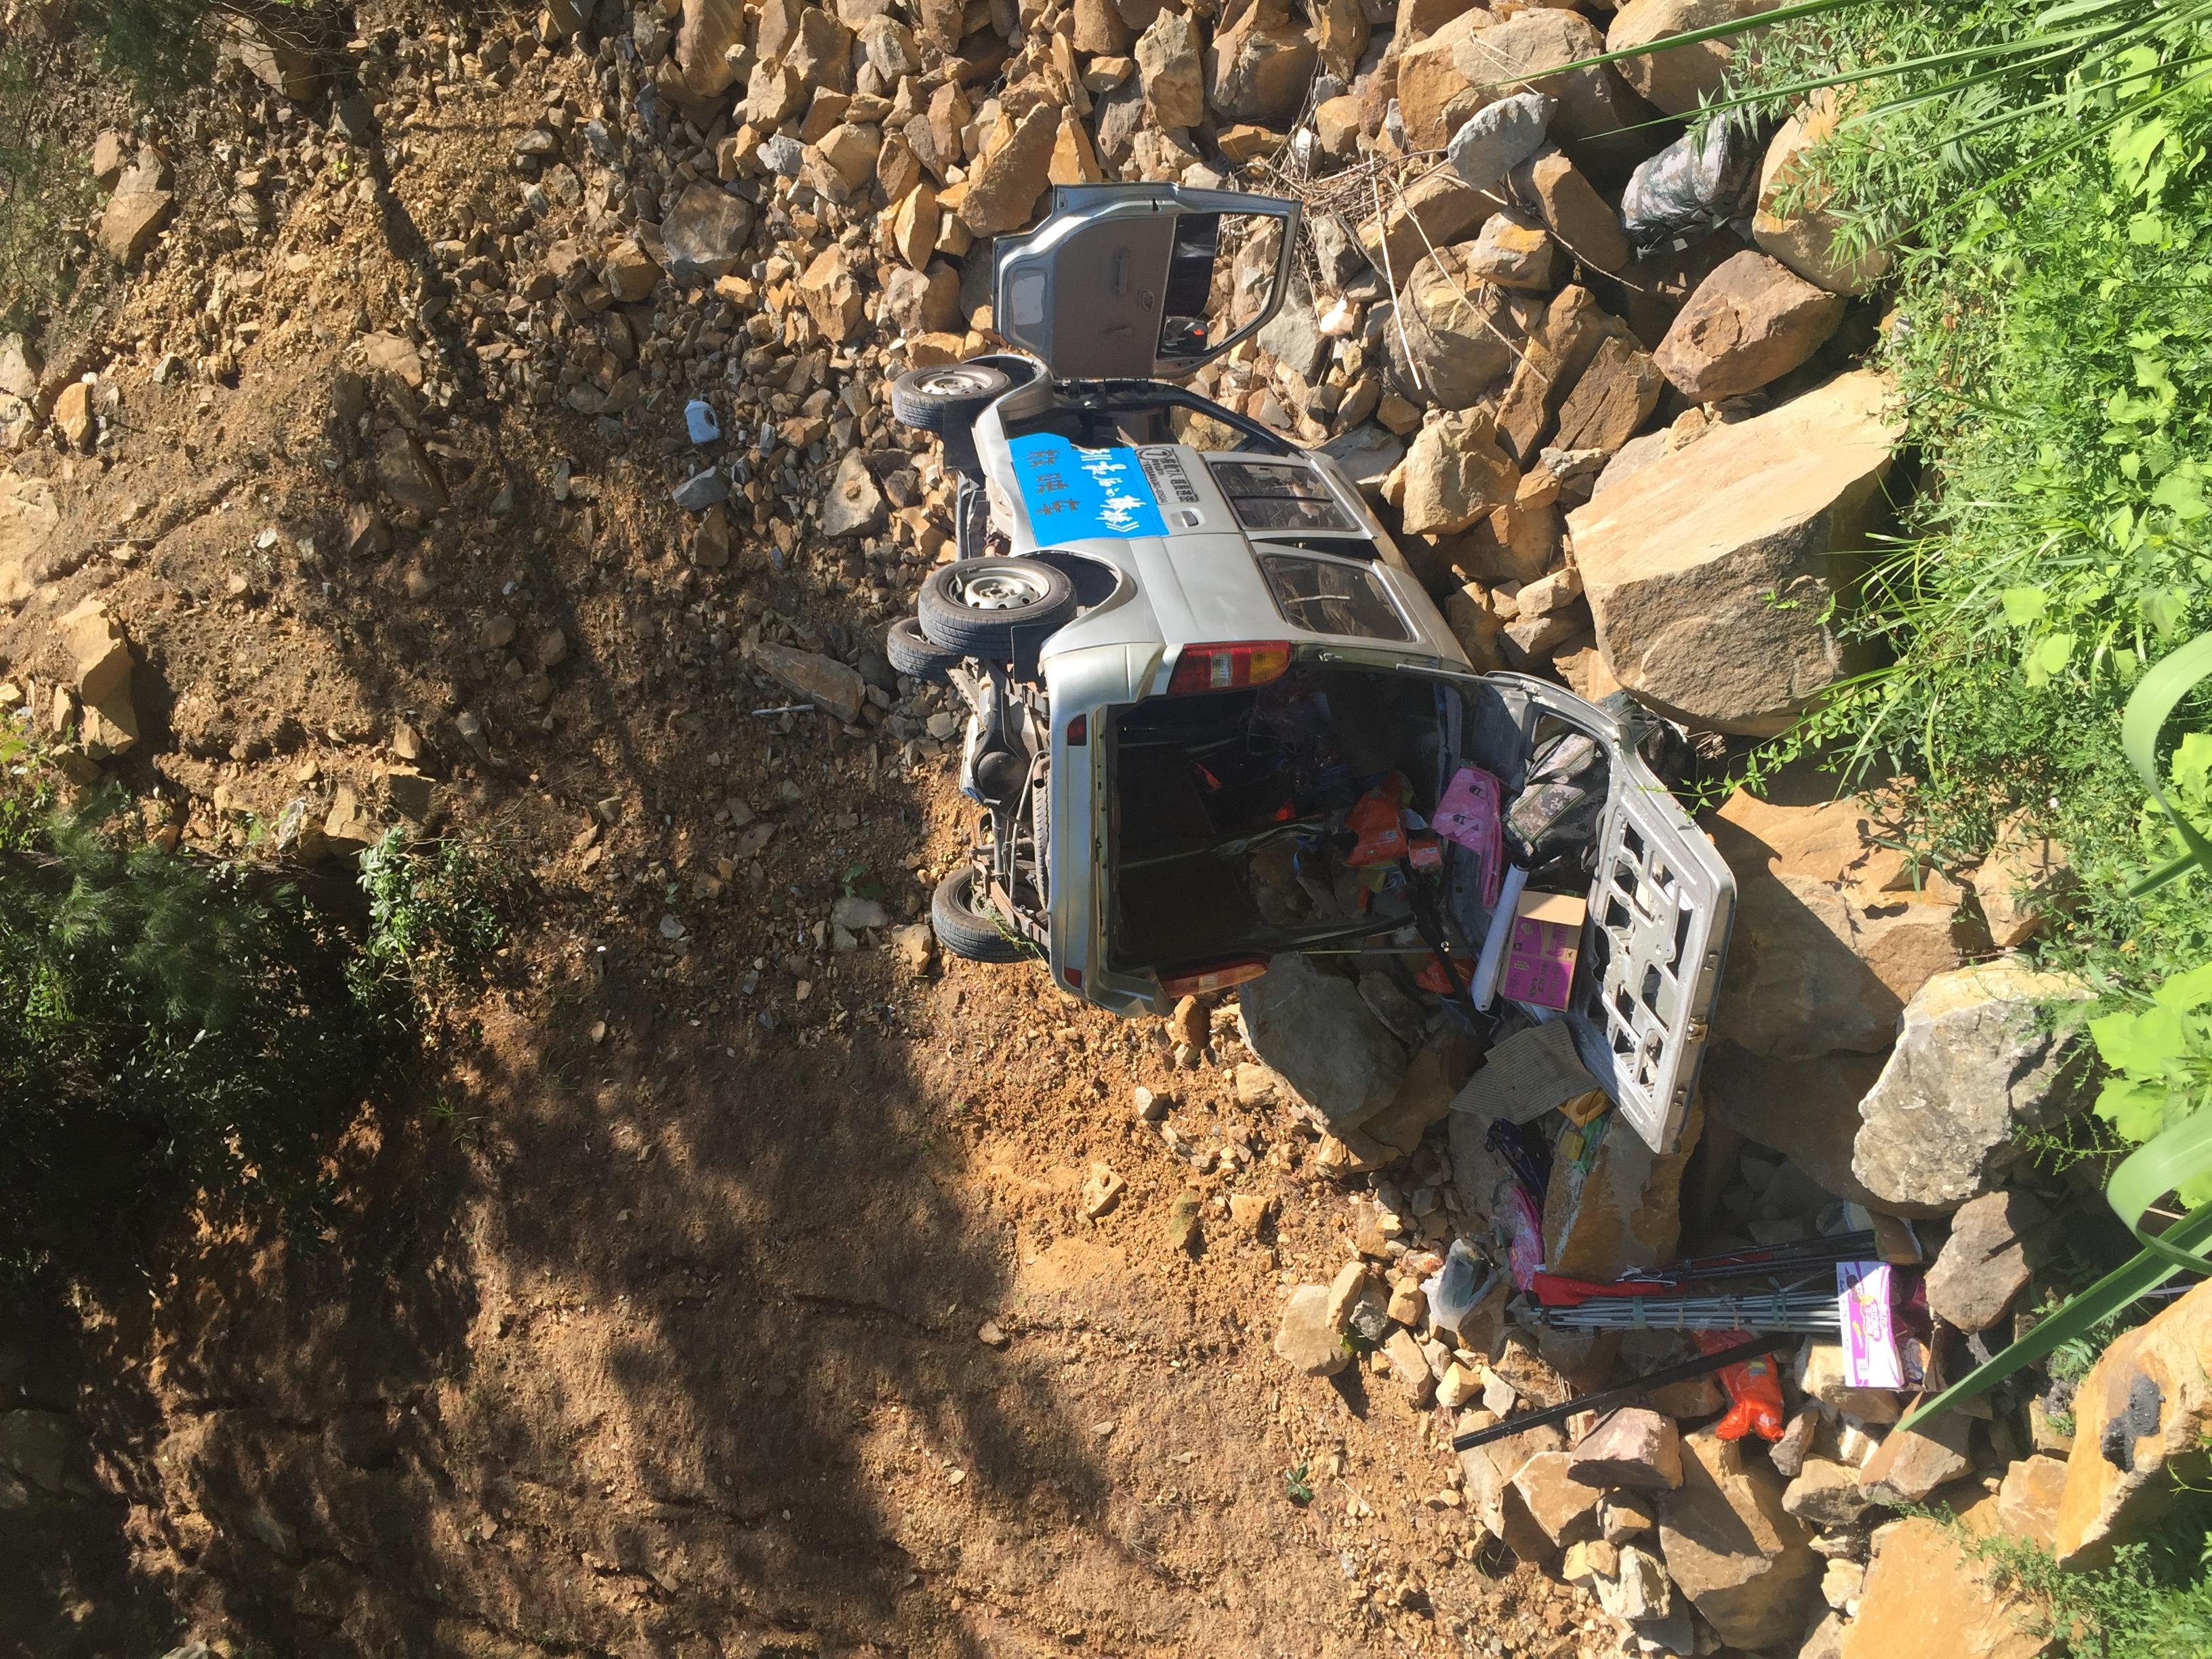 《最后的棒棒》导演何苦开车翻下20米山崖!最